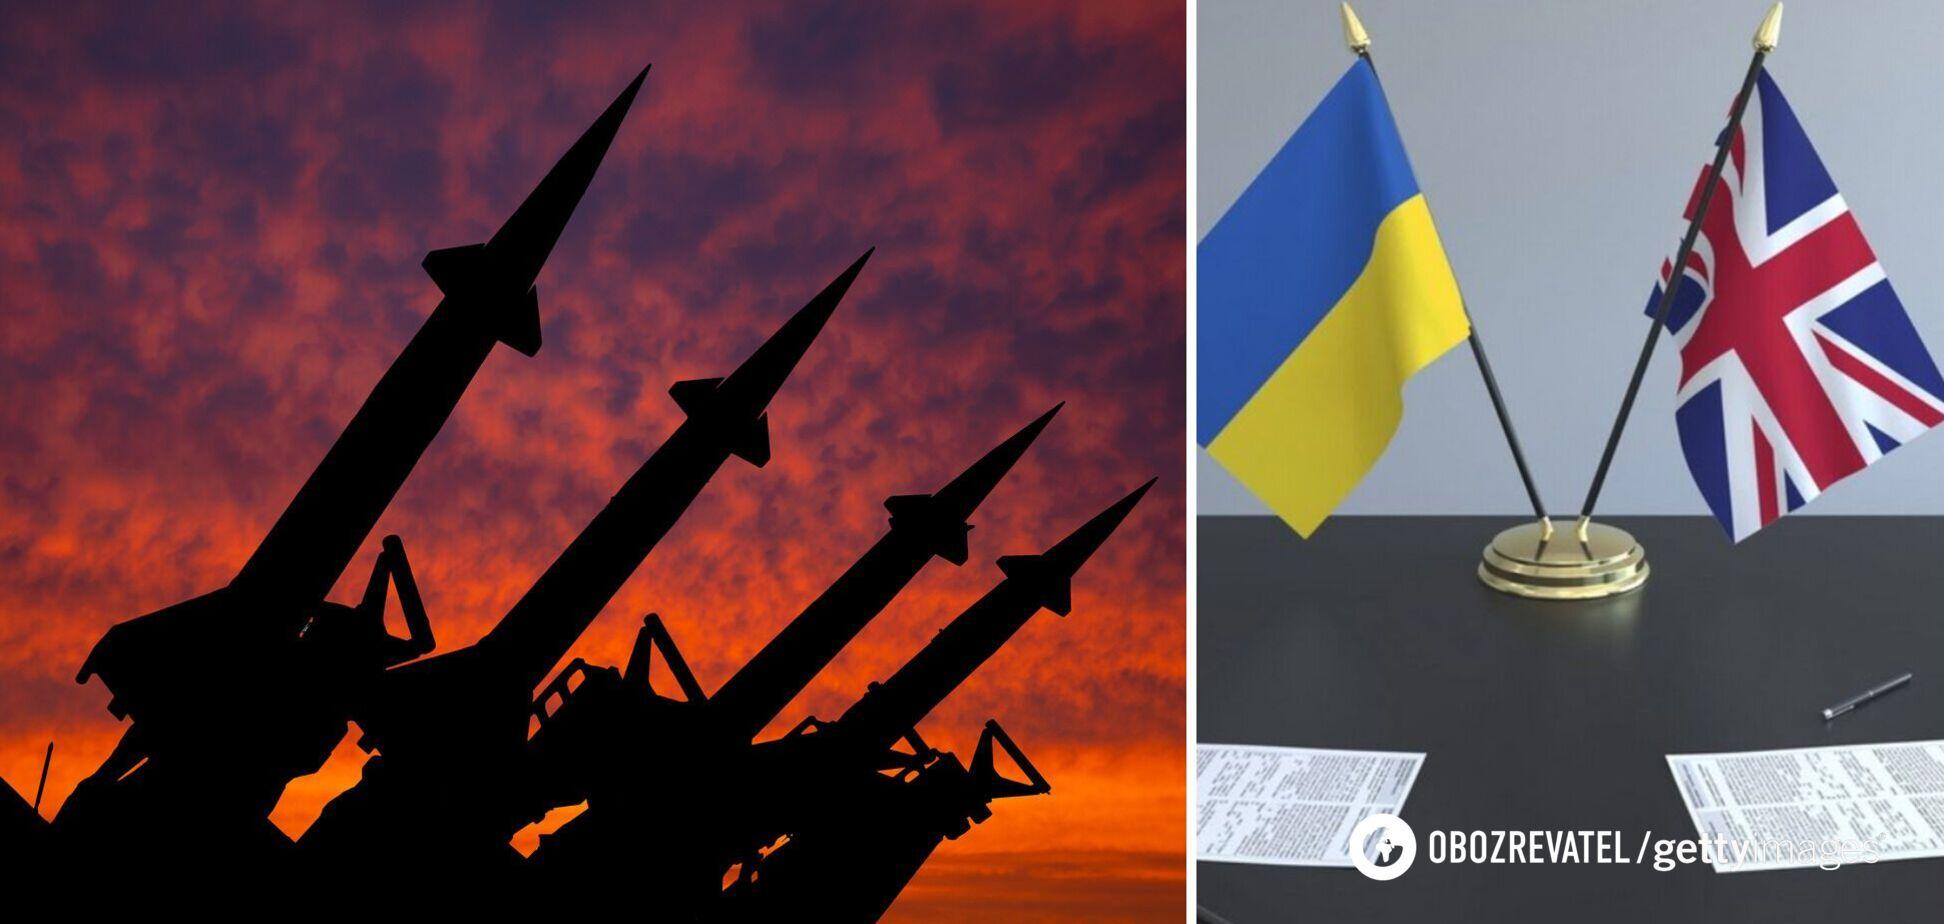 Британия ведет переговоры с Украиной о продаже оружия на фоне 'газового кризиса' – СМИ